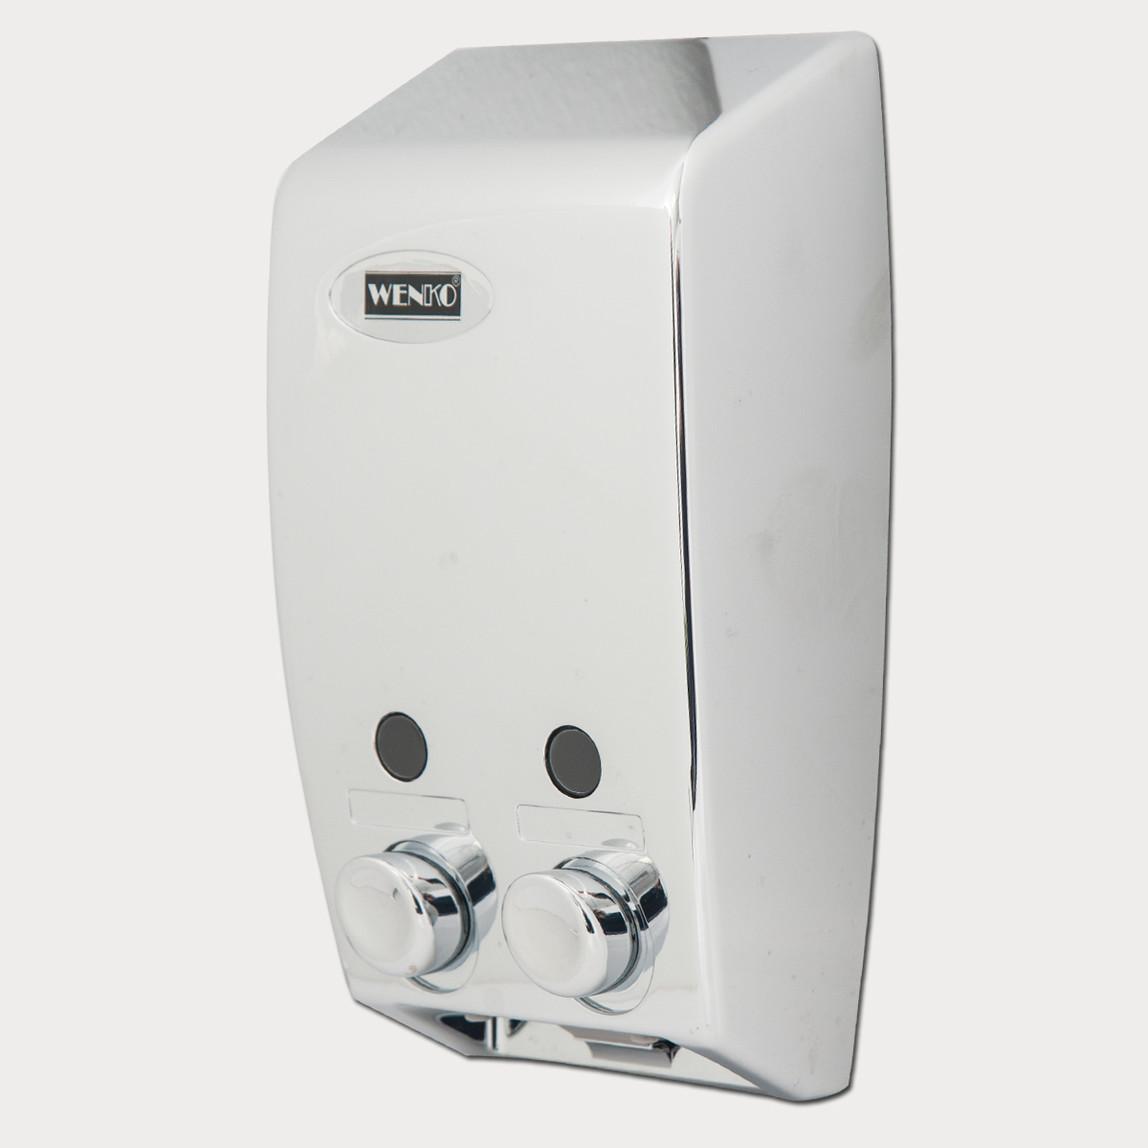 Wenko Varese Sıvı Sabunluk Krom